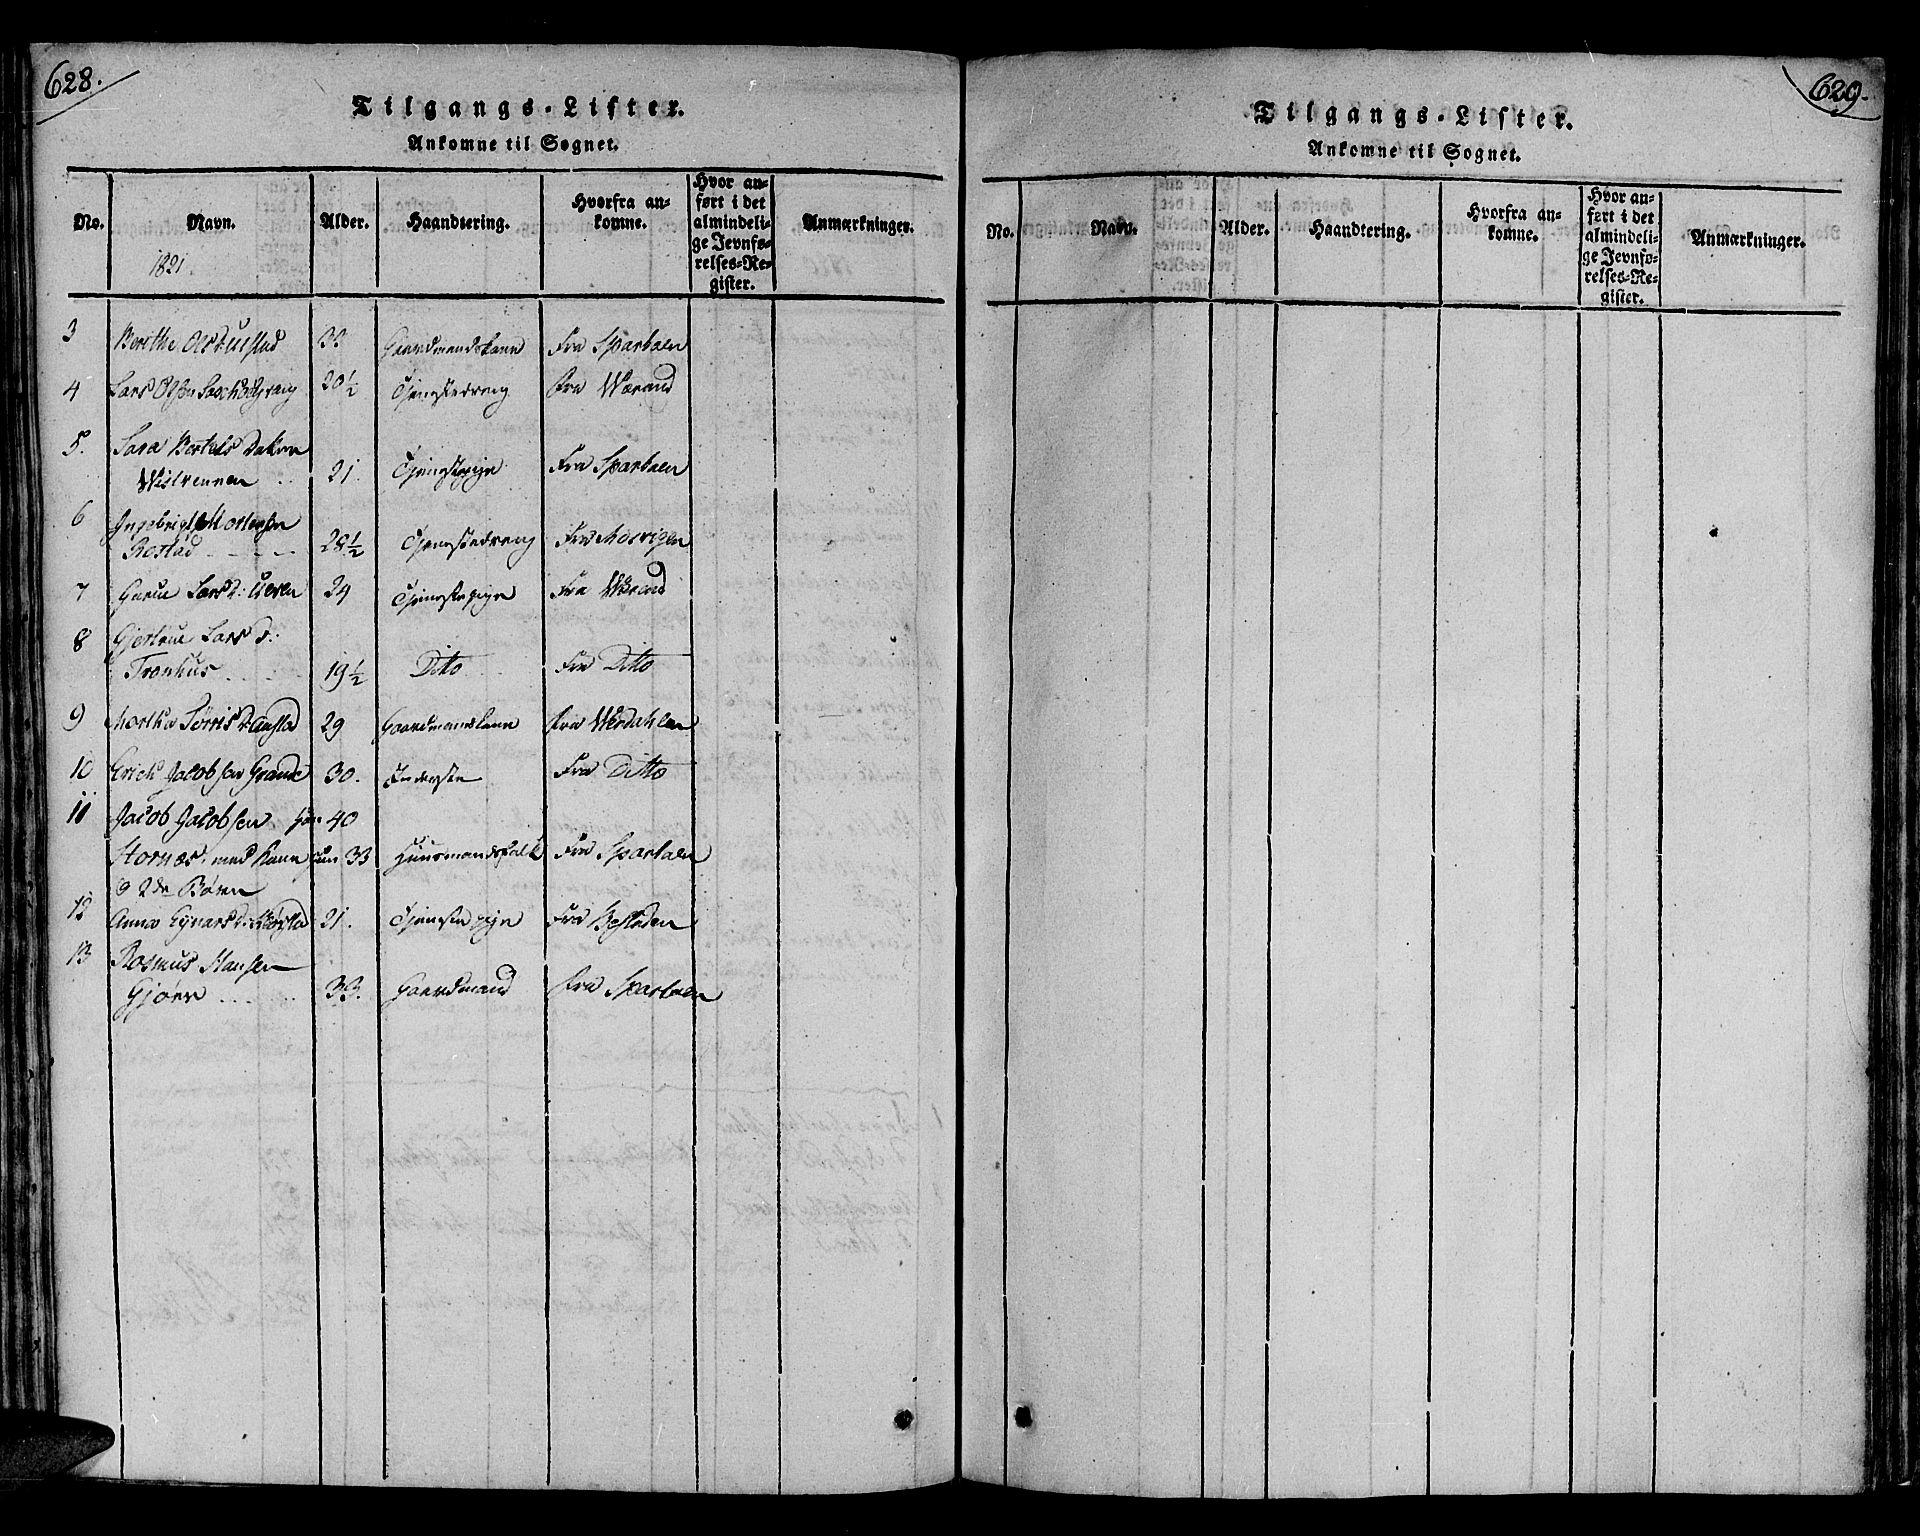 SAT, Ministerialprotokoller, klokkerbøker og fødselsregistre - Nord-Trøndelag, 730/L0275: Ministerialbok nr. 730A04, 1816-1822, s. 628-629